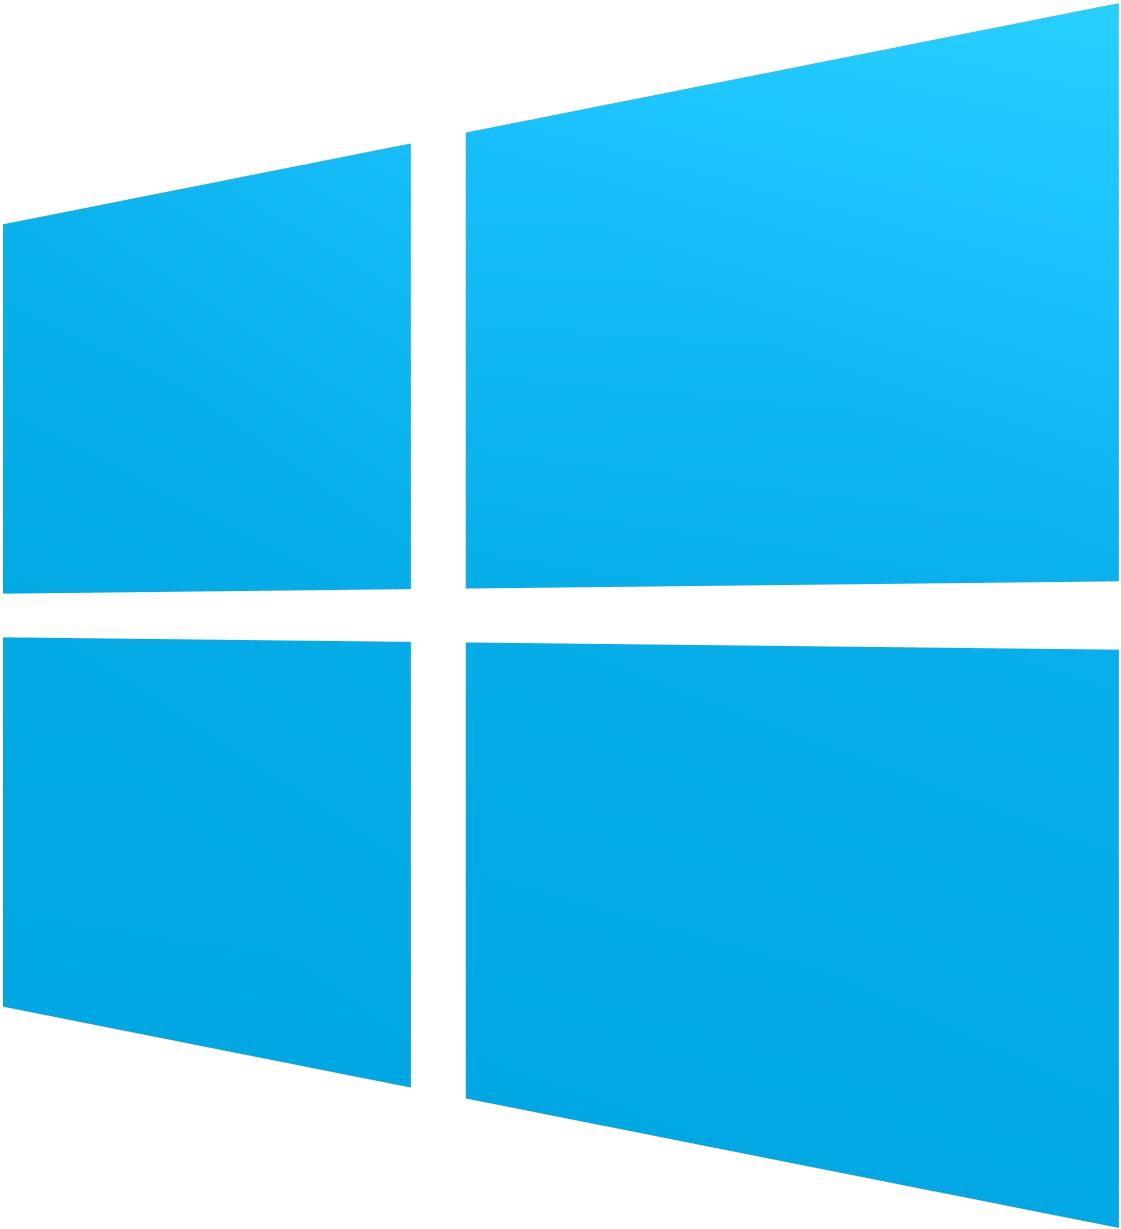 Quelles sont les nouveautés de Windows 10 ?